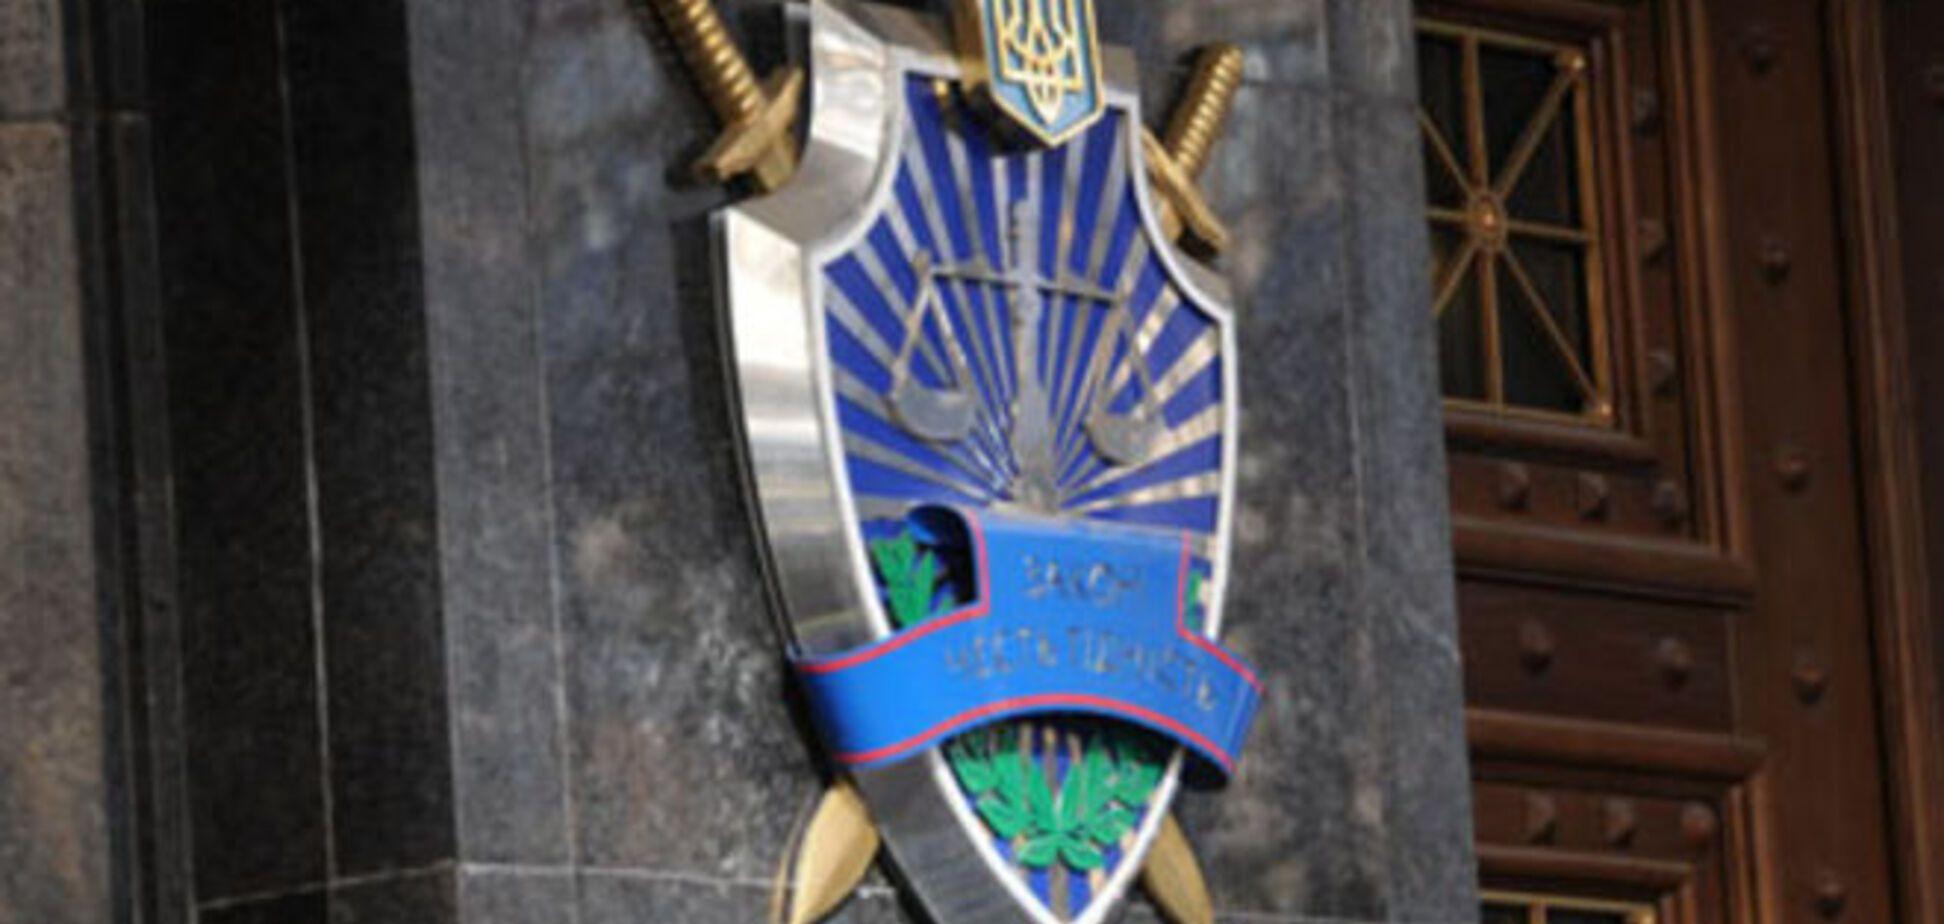 Генпрокуратура нашла доказательства того, что 76 крымских депутатов предали Украину